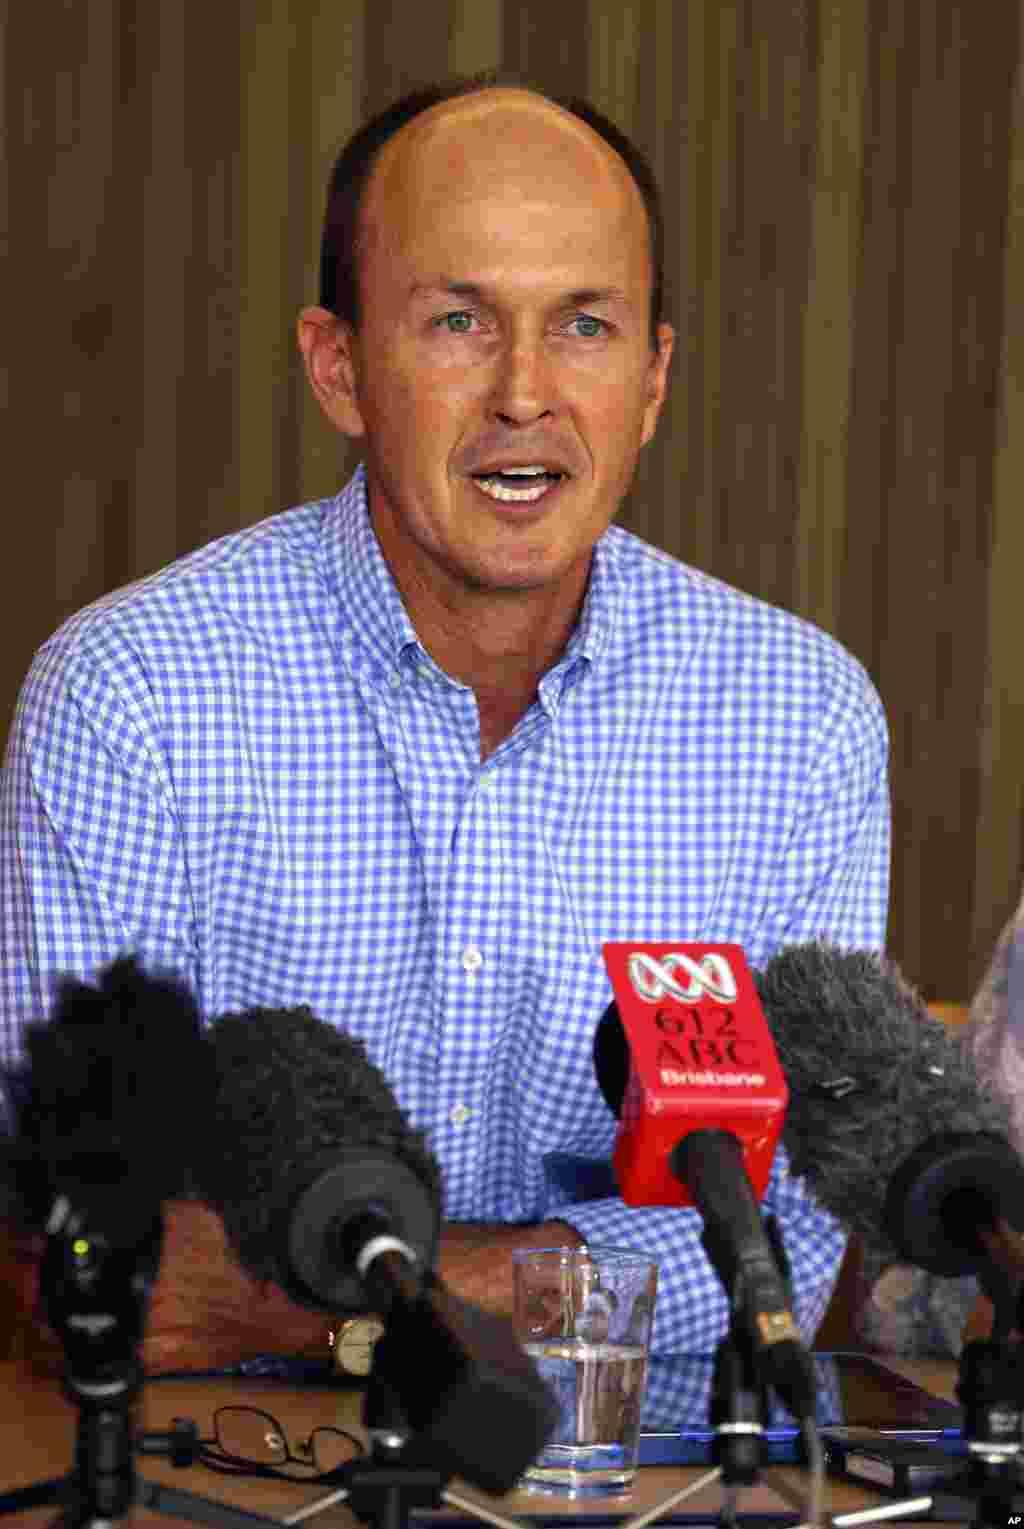 Andrew Greste, Juris Greste, adik wartawan Australia Peter Greste, berbicara pada media di konferensi pers di Brisbane, Australia (2/2). (AP/Tertius Pickard)